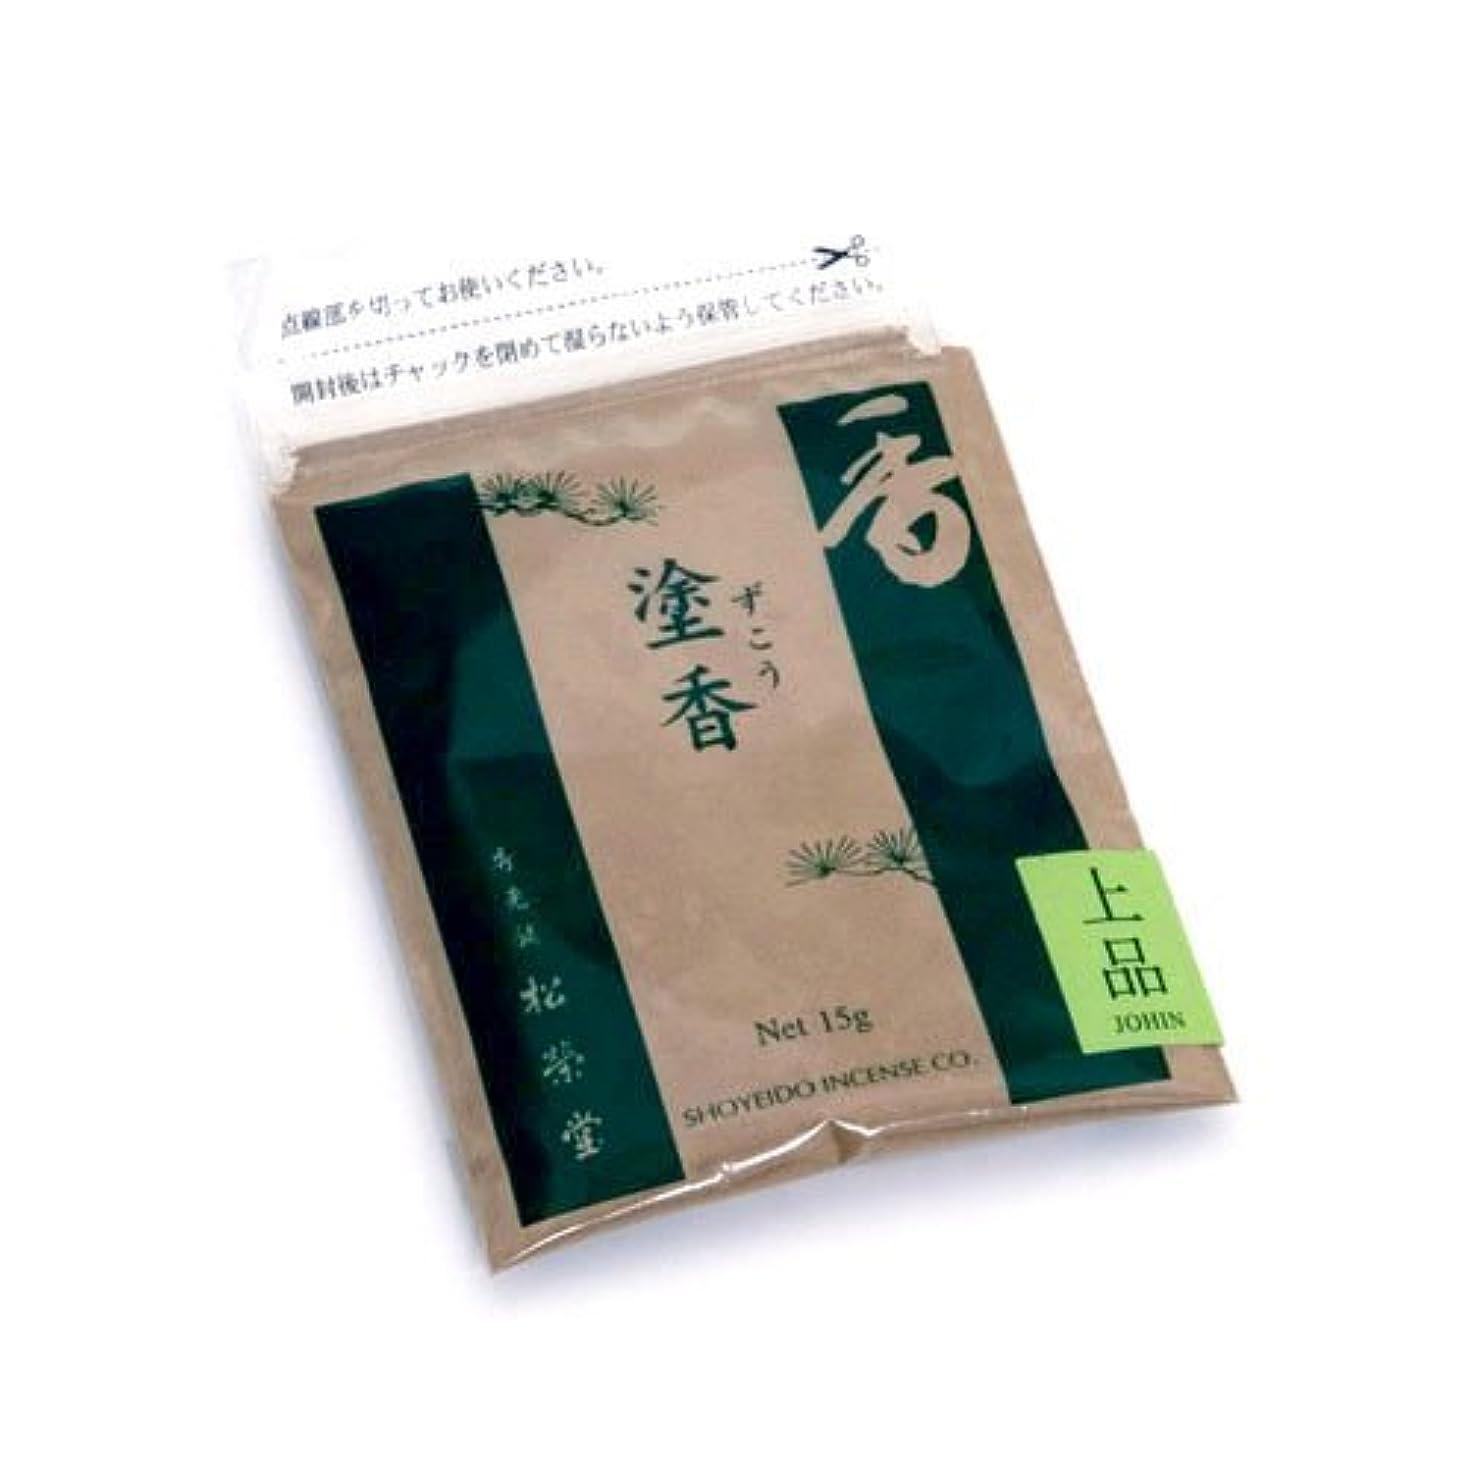 アマチュアうっかりチャーミング松栄堂 高品質 塗香 上品